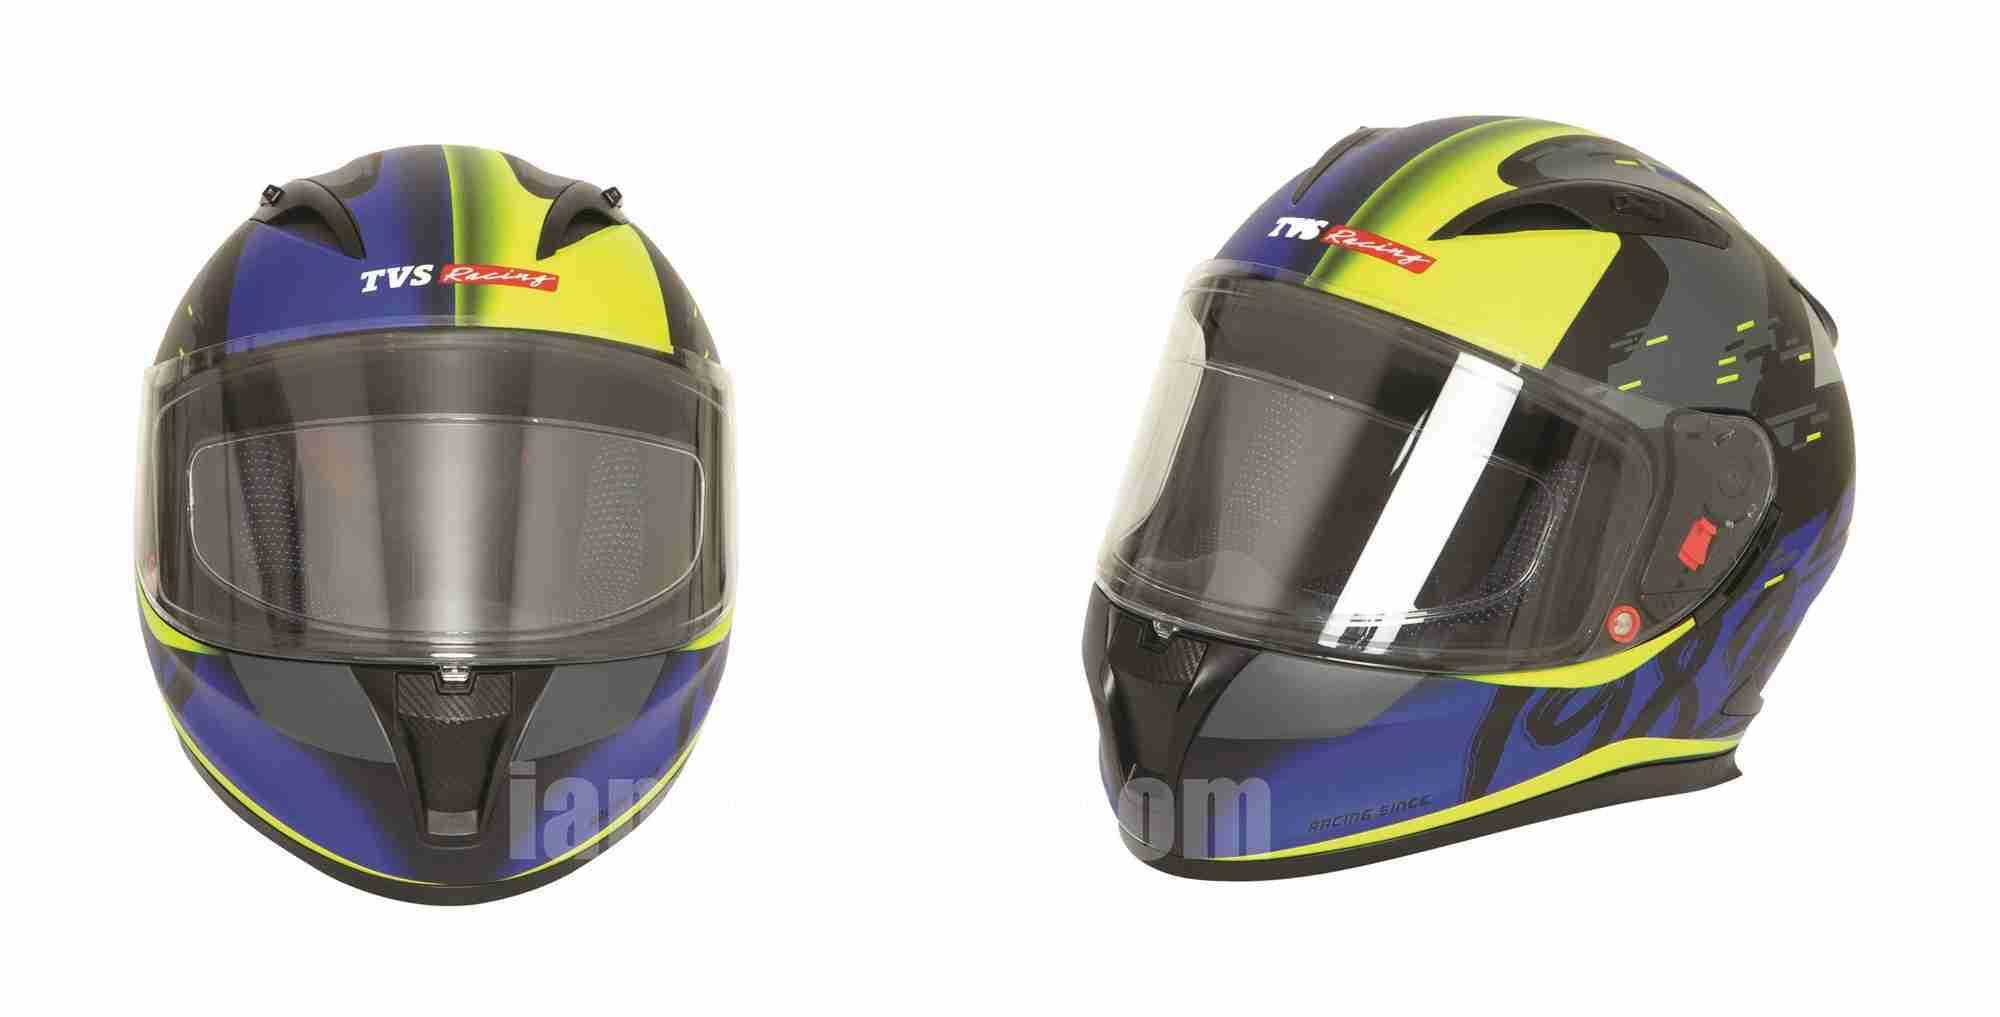 TVS Racing official helmet